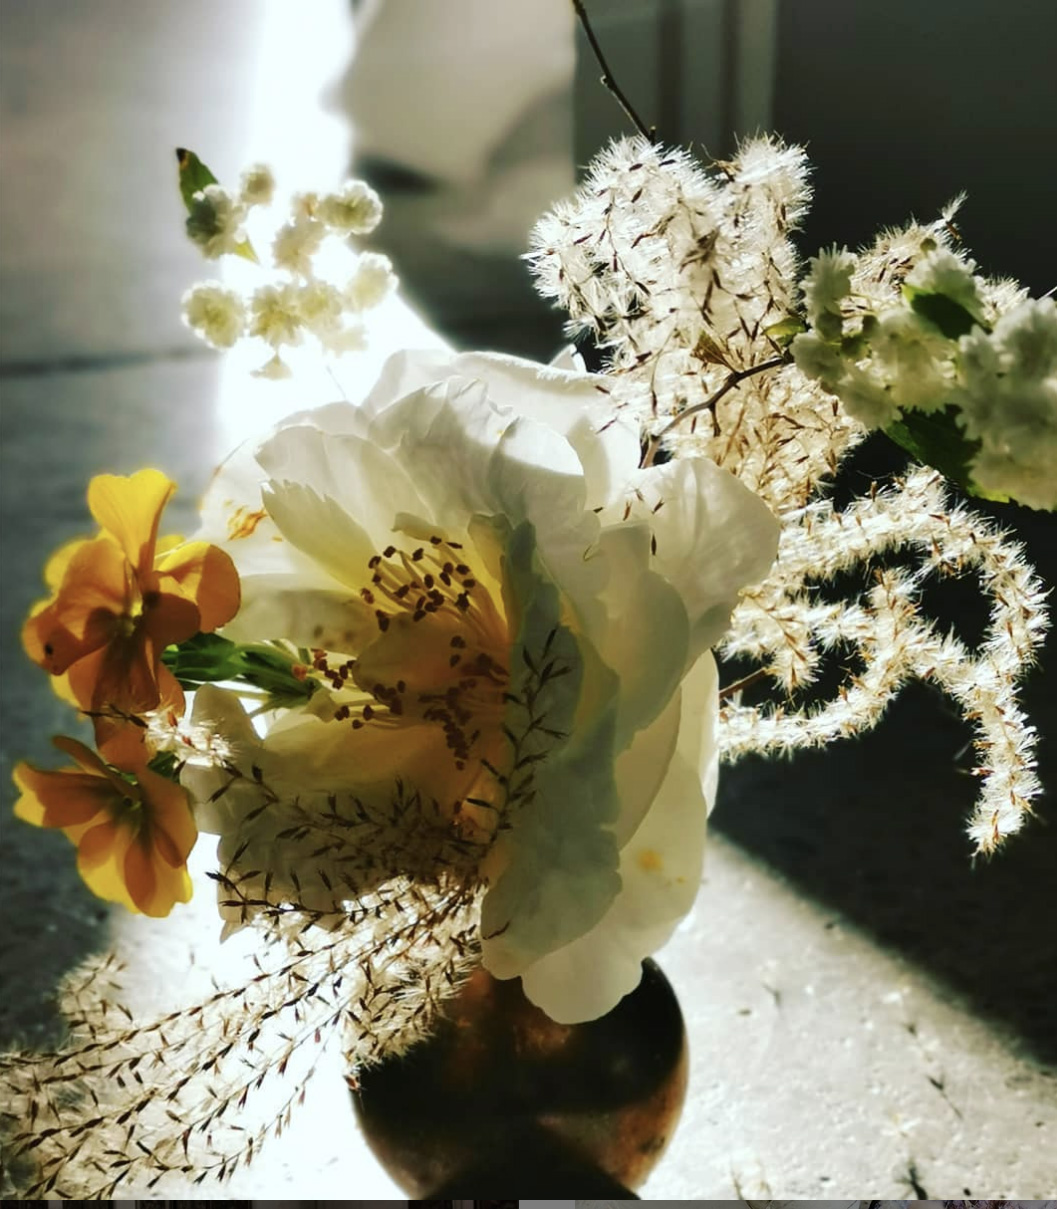 horrobin-hodge-wedding-flowers-49.JPG